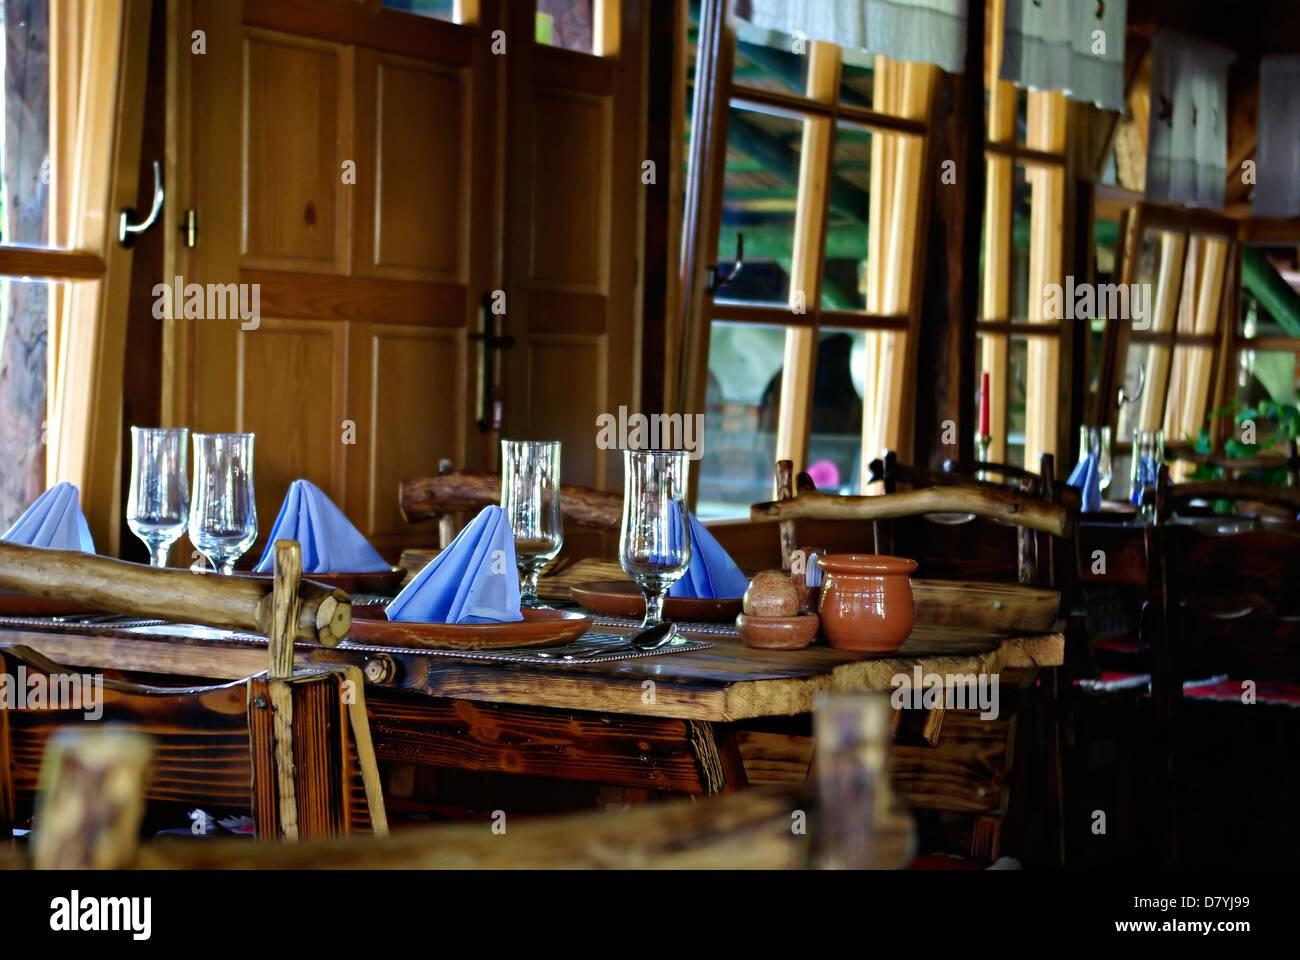 Vendita Sedie Legno Grezzo.Interno Del Paese Tradizionale Sala Ristorante In Serbia Con Sedie